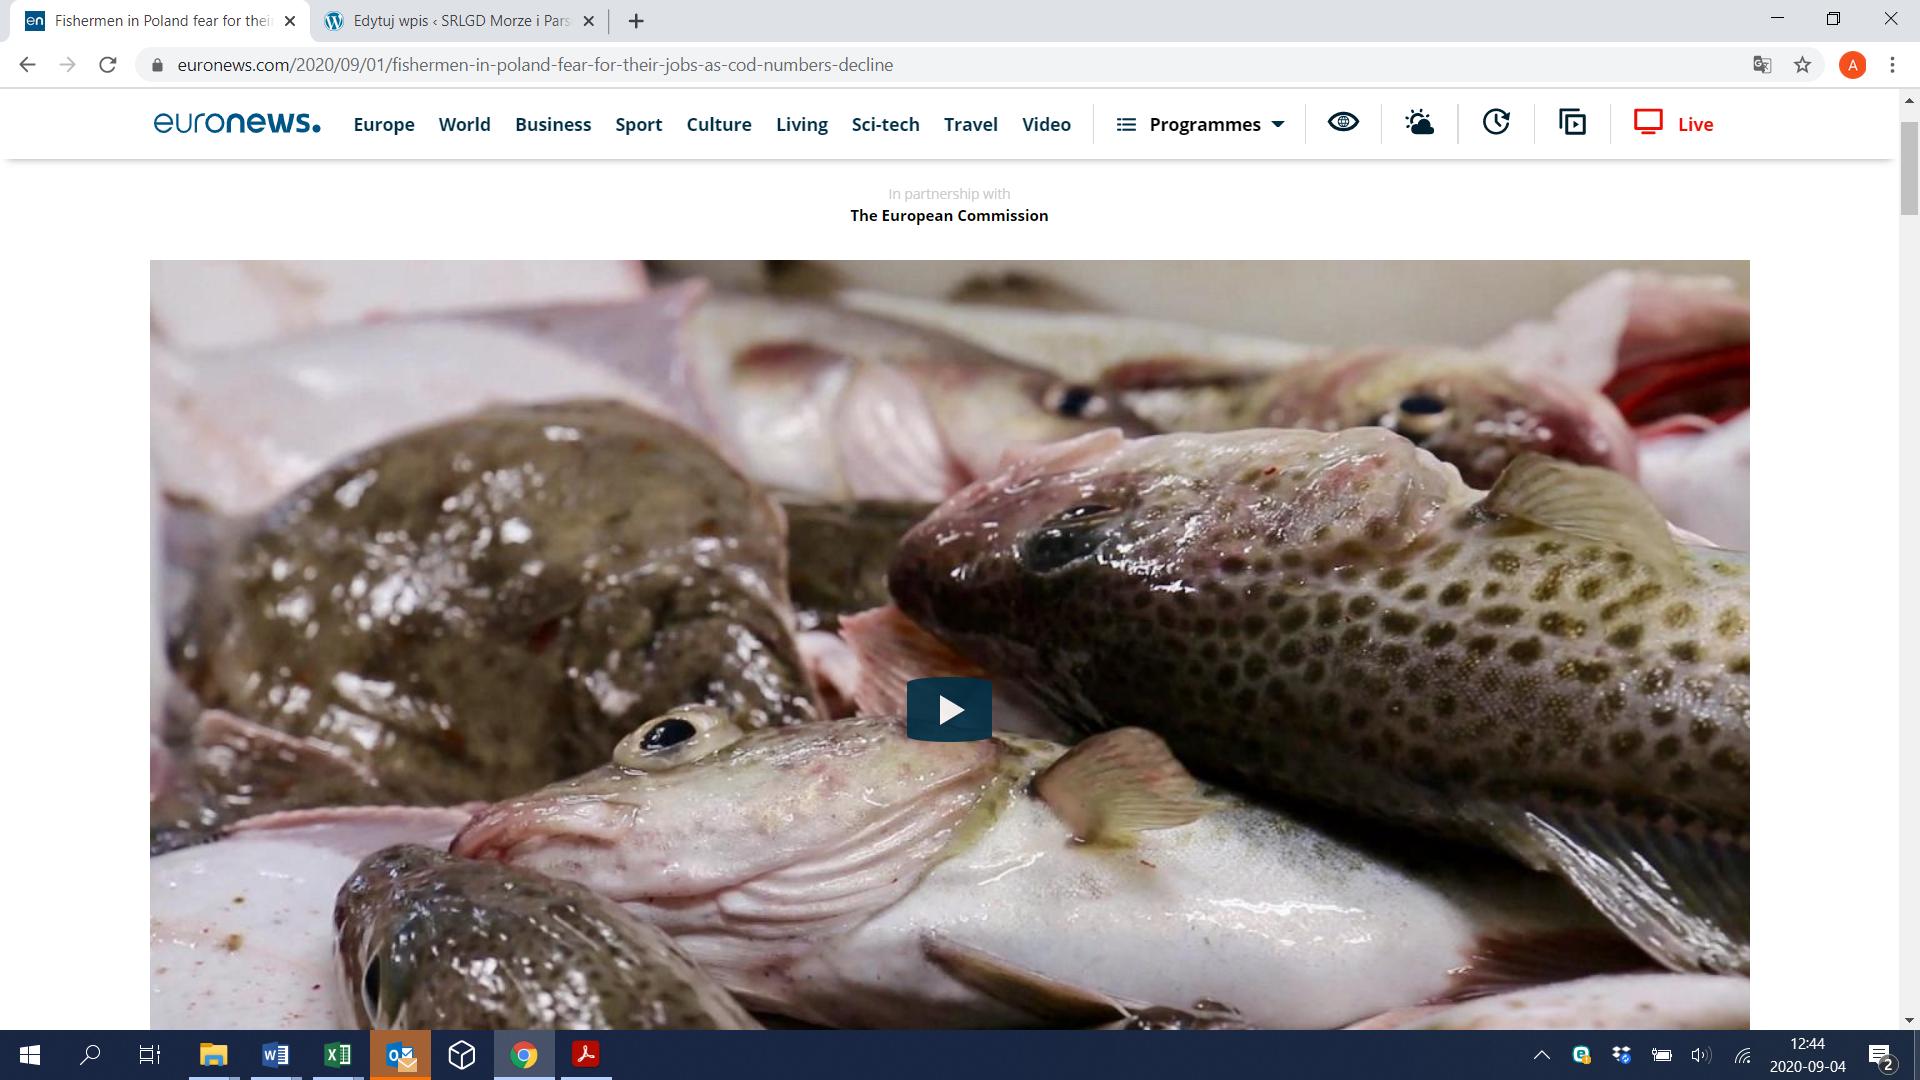 reportaż Euronews o sytuacji kołobrzeskich rybaków po wprowadzerniu zakazu połowów dorsza